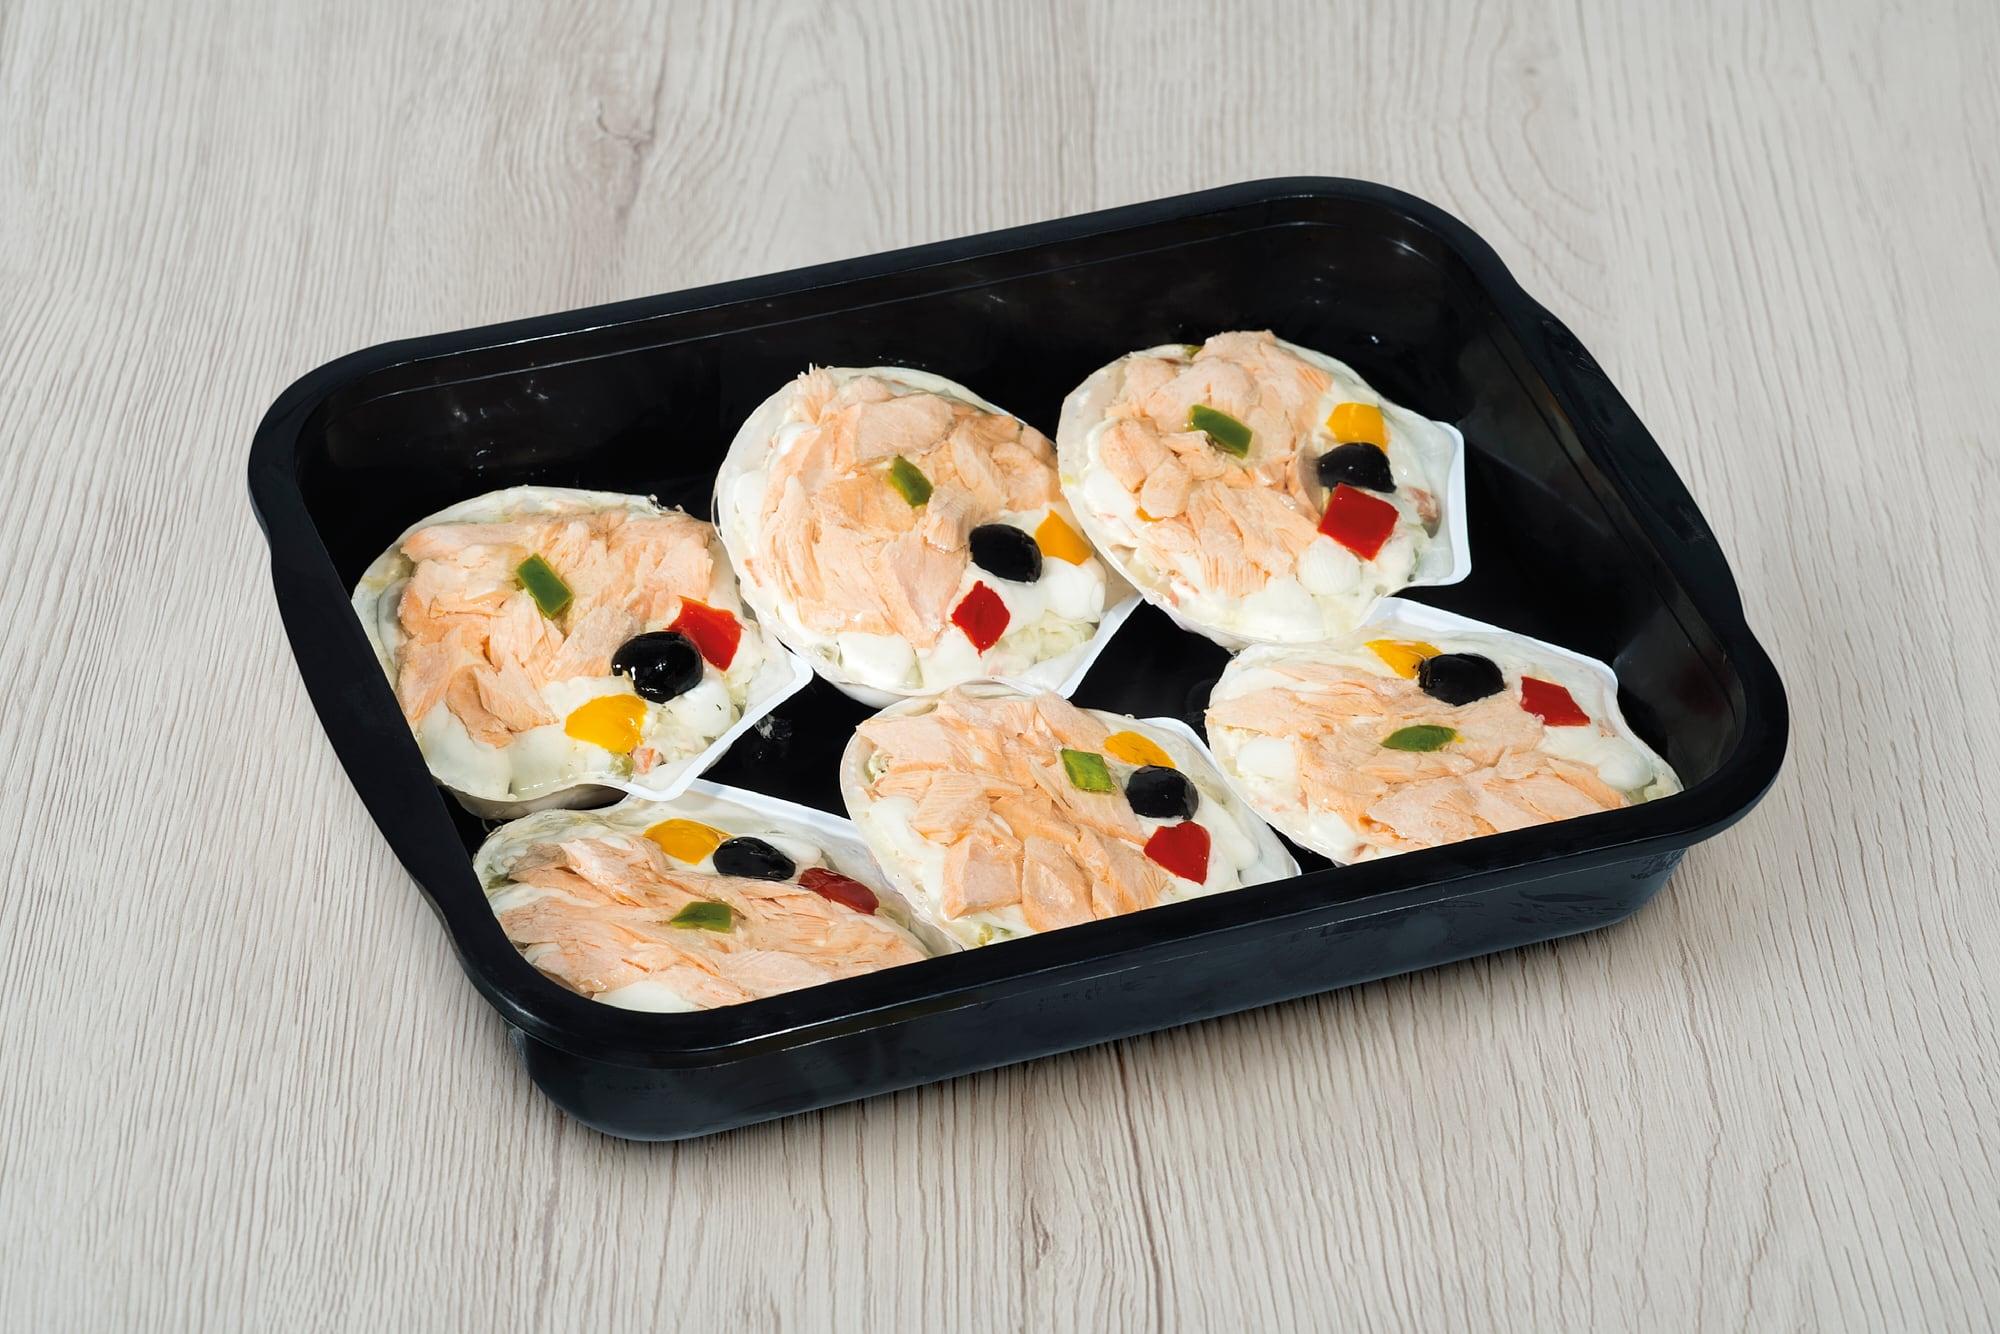 Conchiglie con salmone La Gastronomica Padova